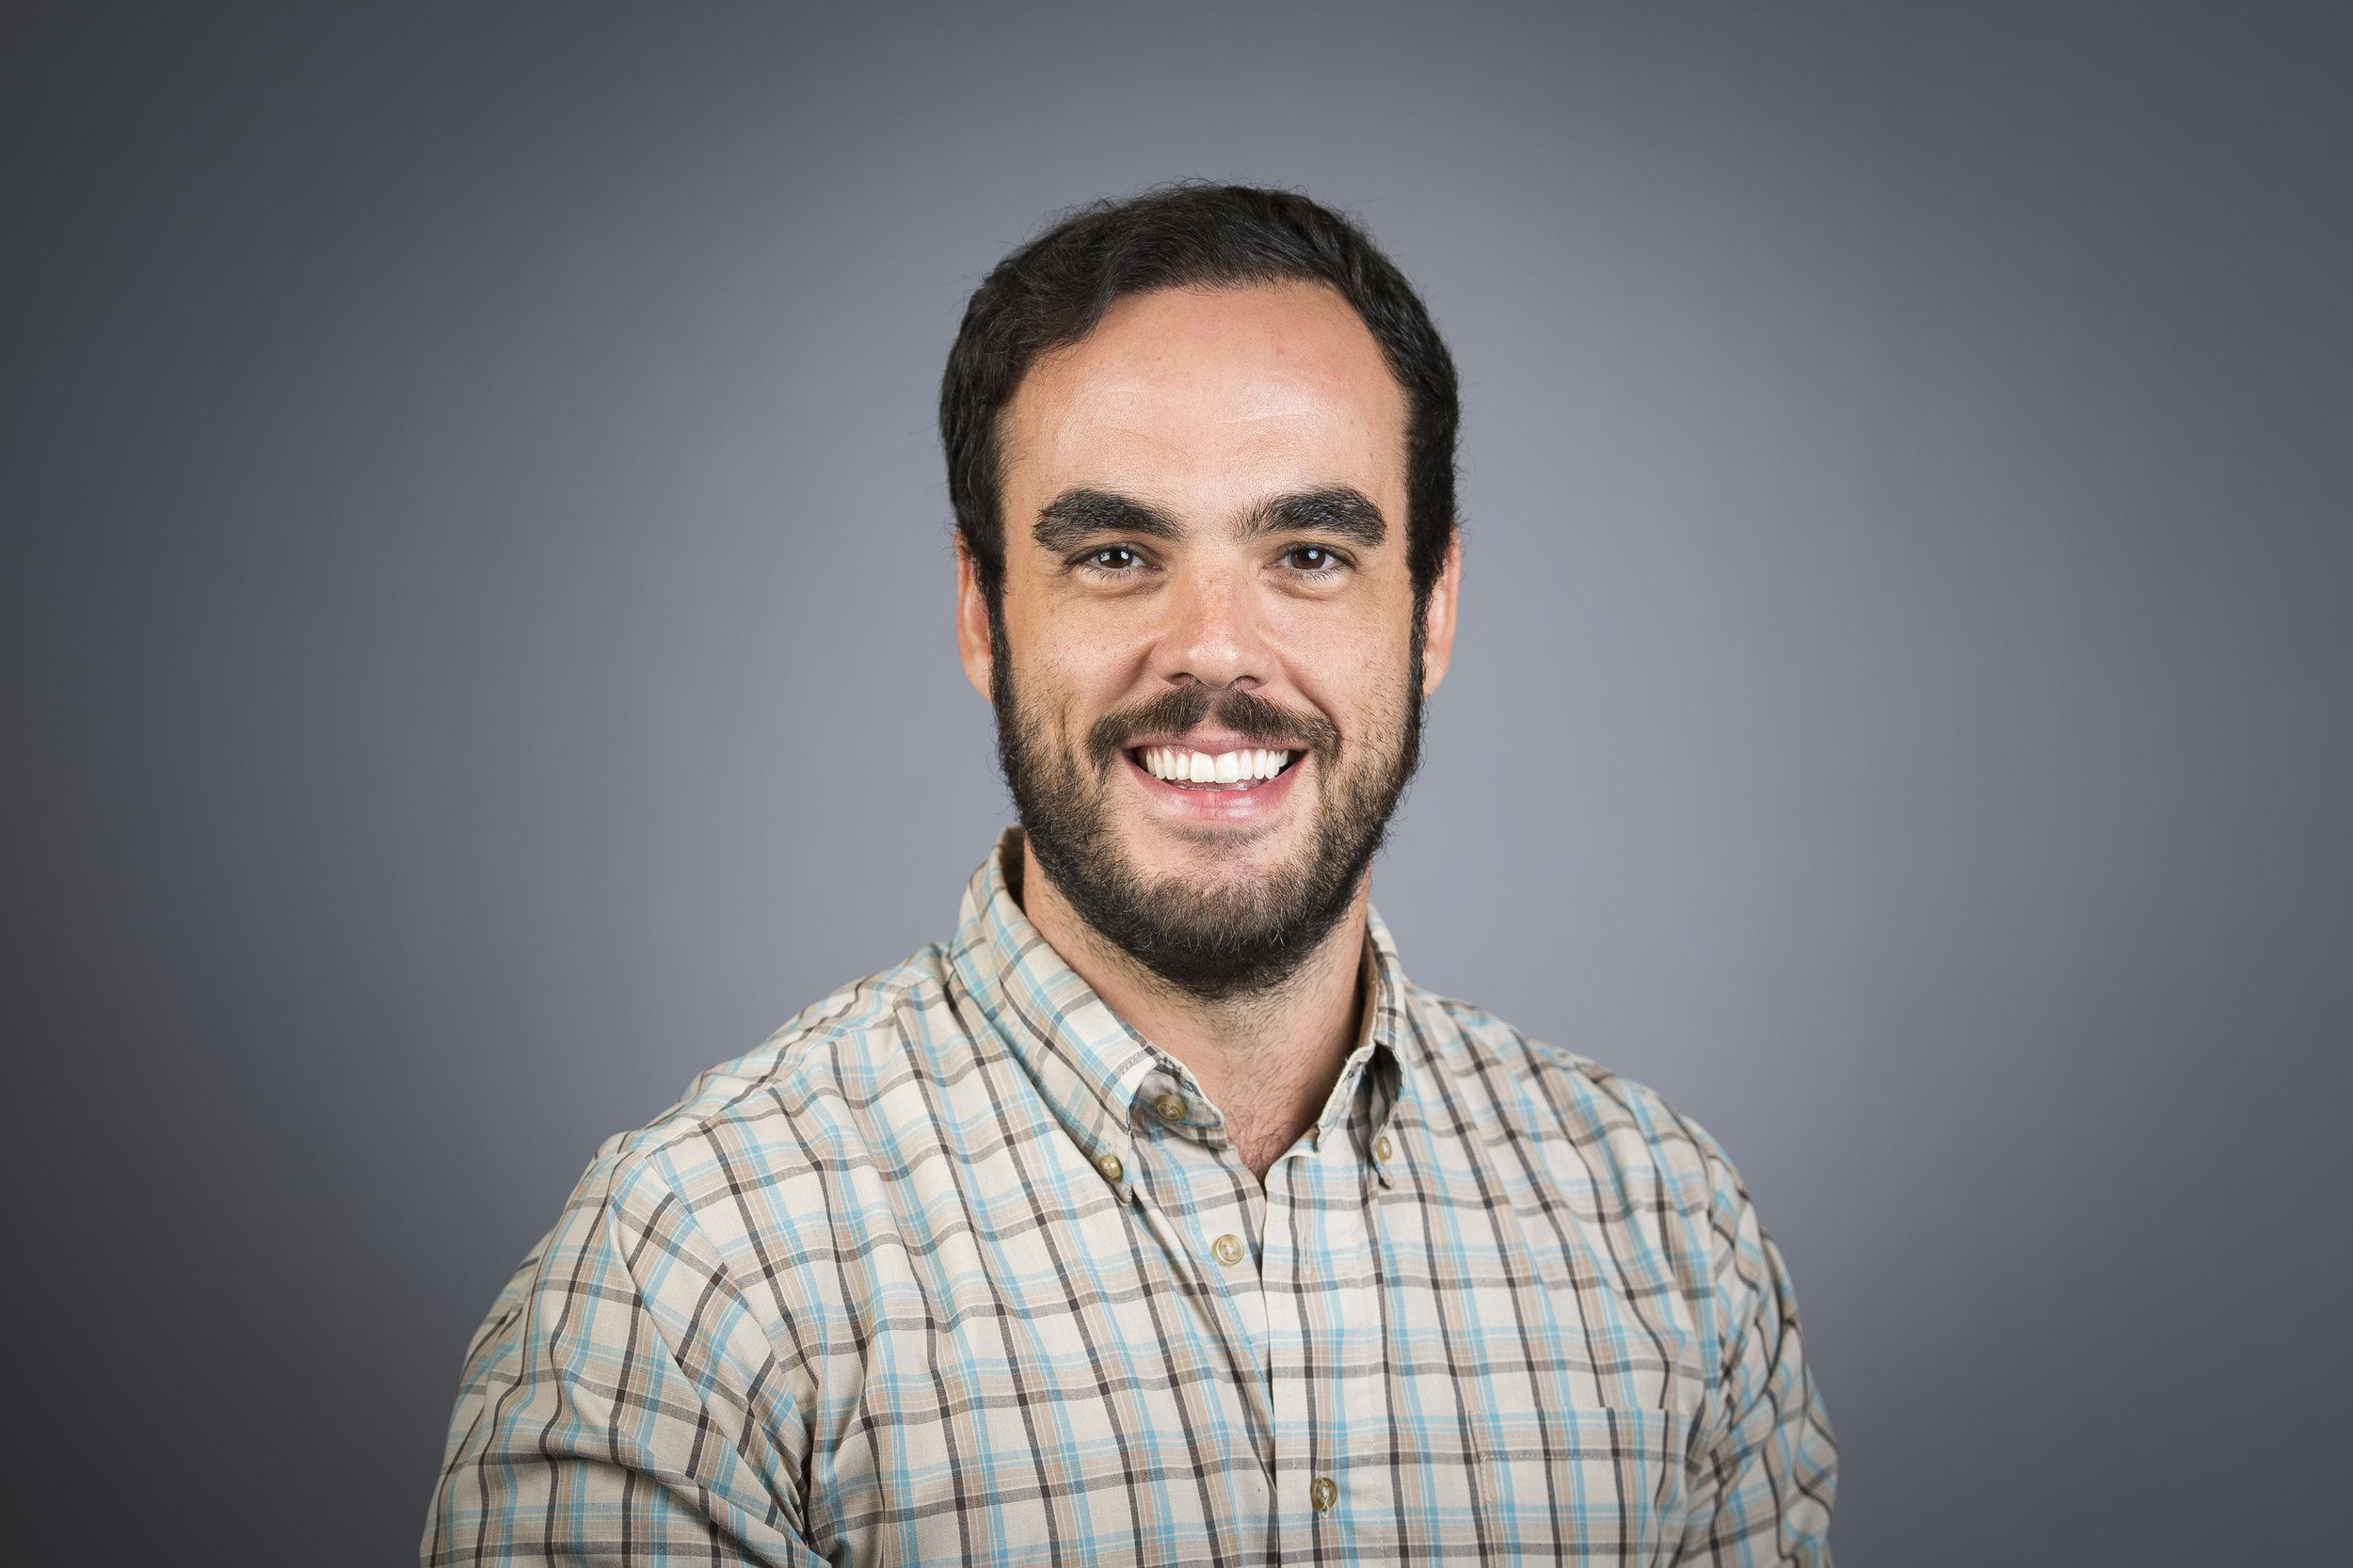 Eduardo Cotilla-Sanchez, PhD